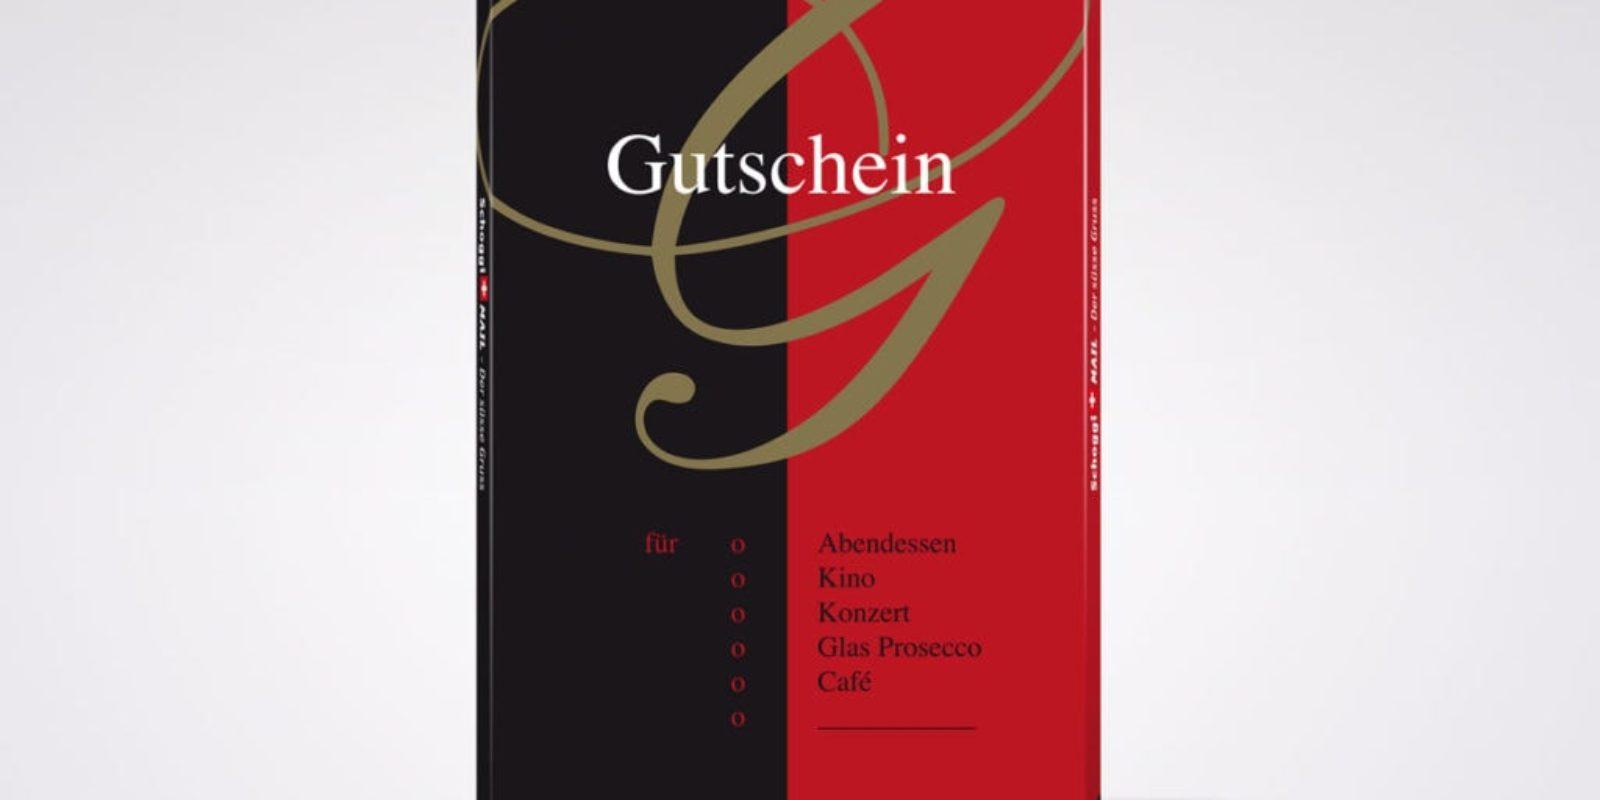 1137820-gutschein-schwarz-rot-Front